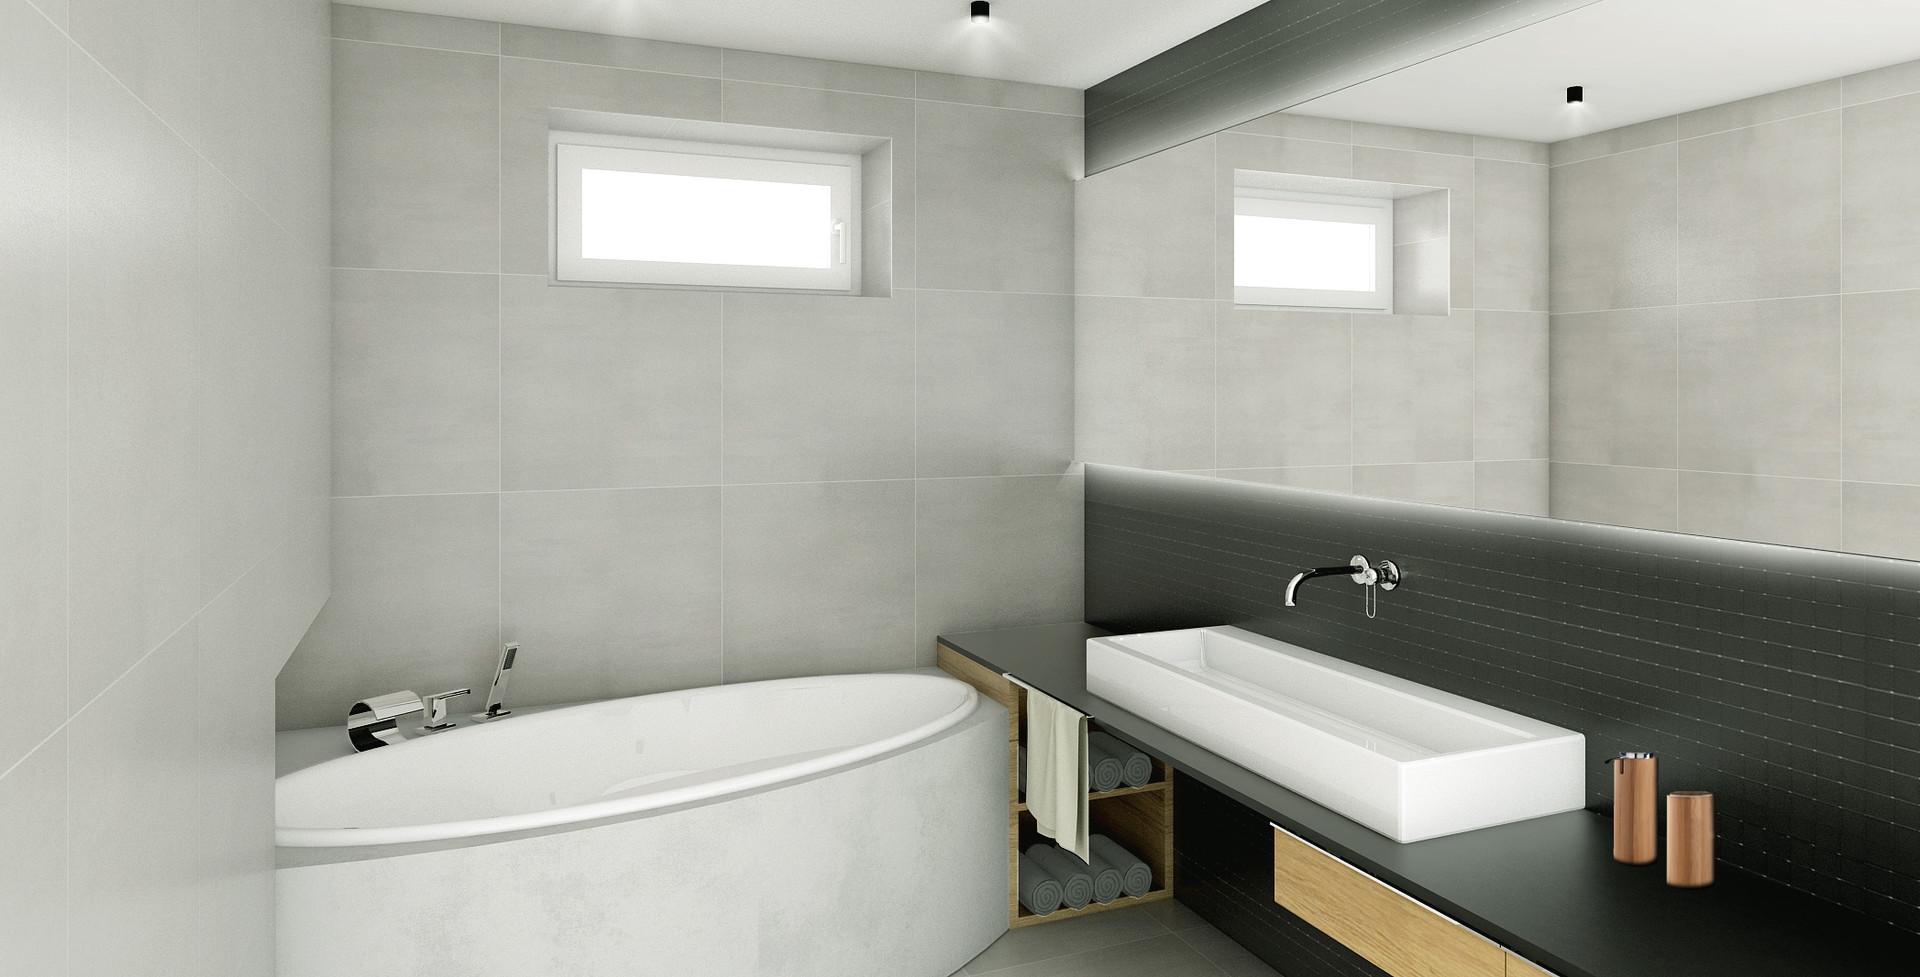 vizualizace: koupelna s vanou